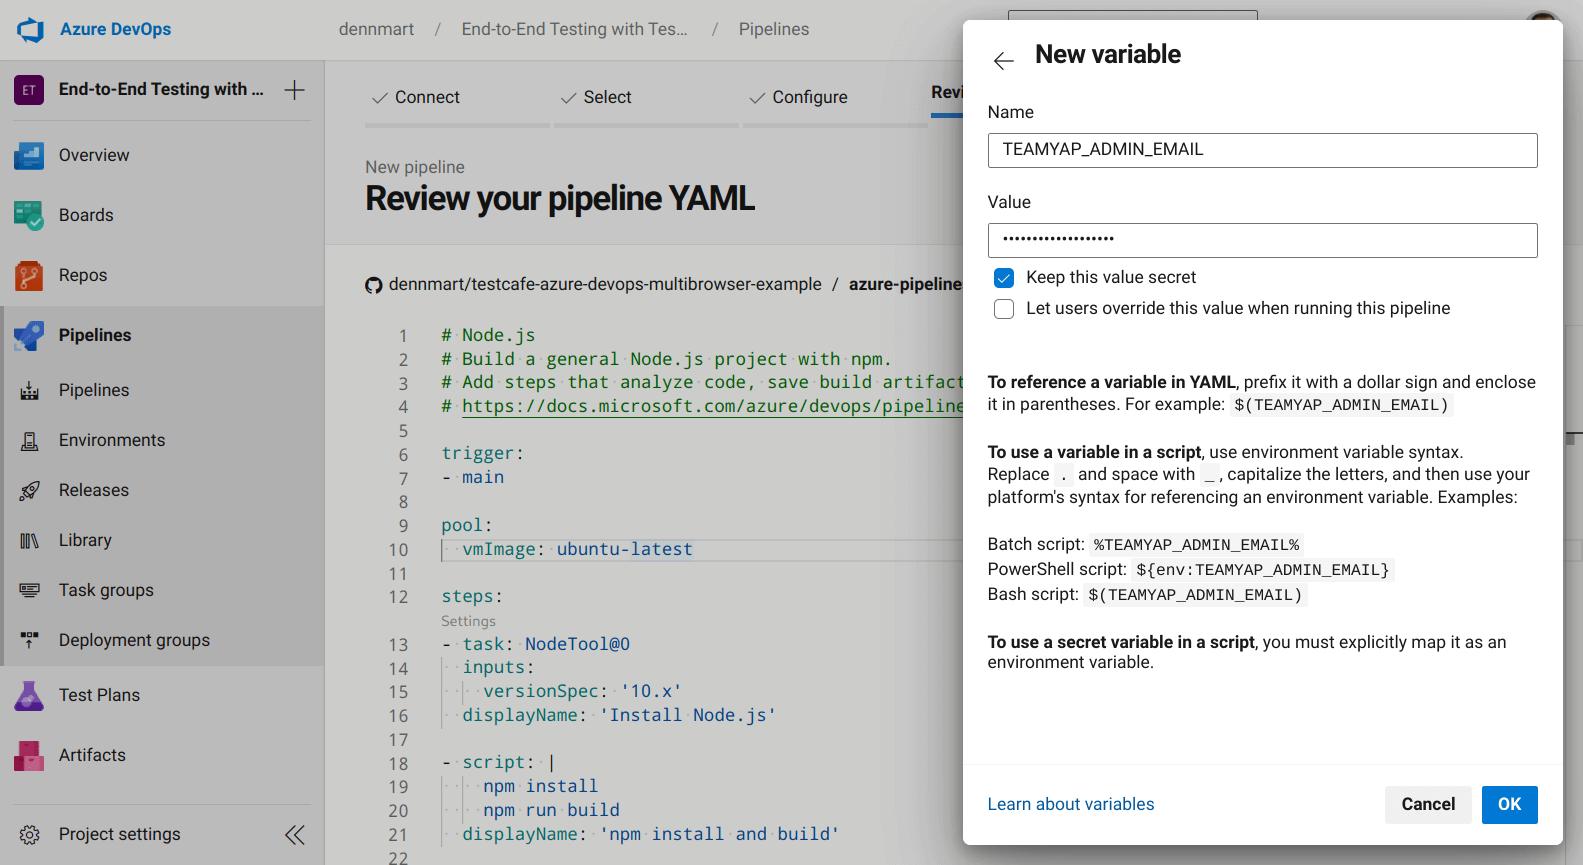 Azure DevOps - Adding Variable to Pipeline